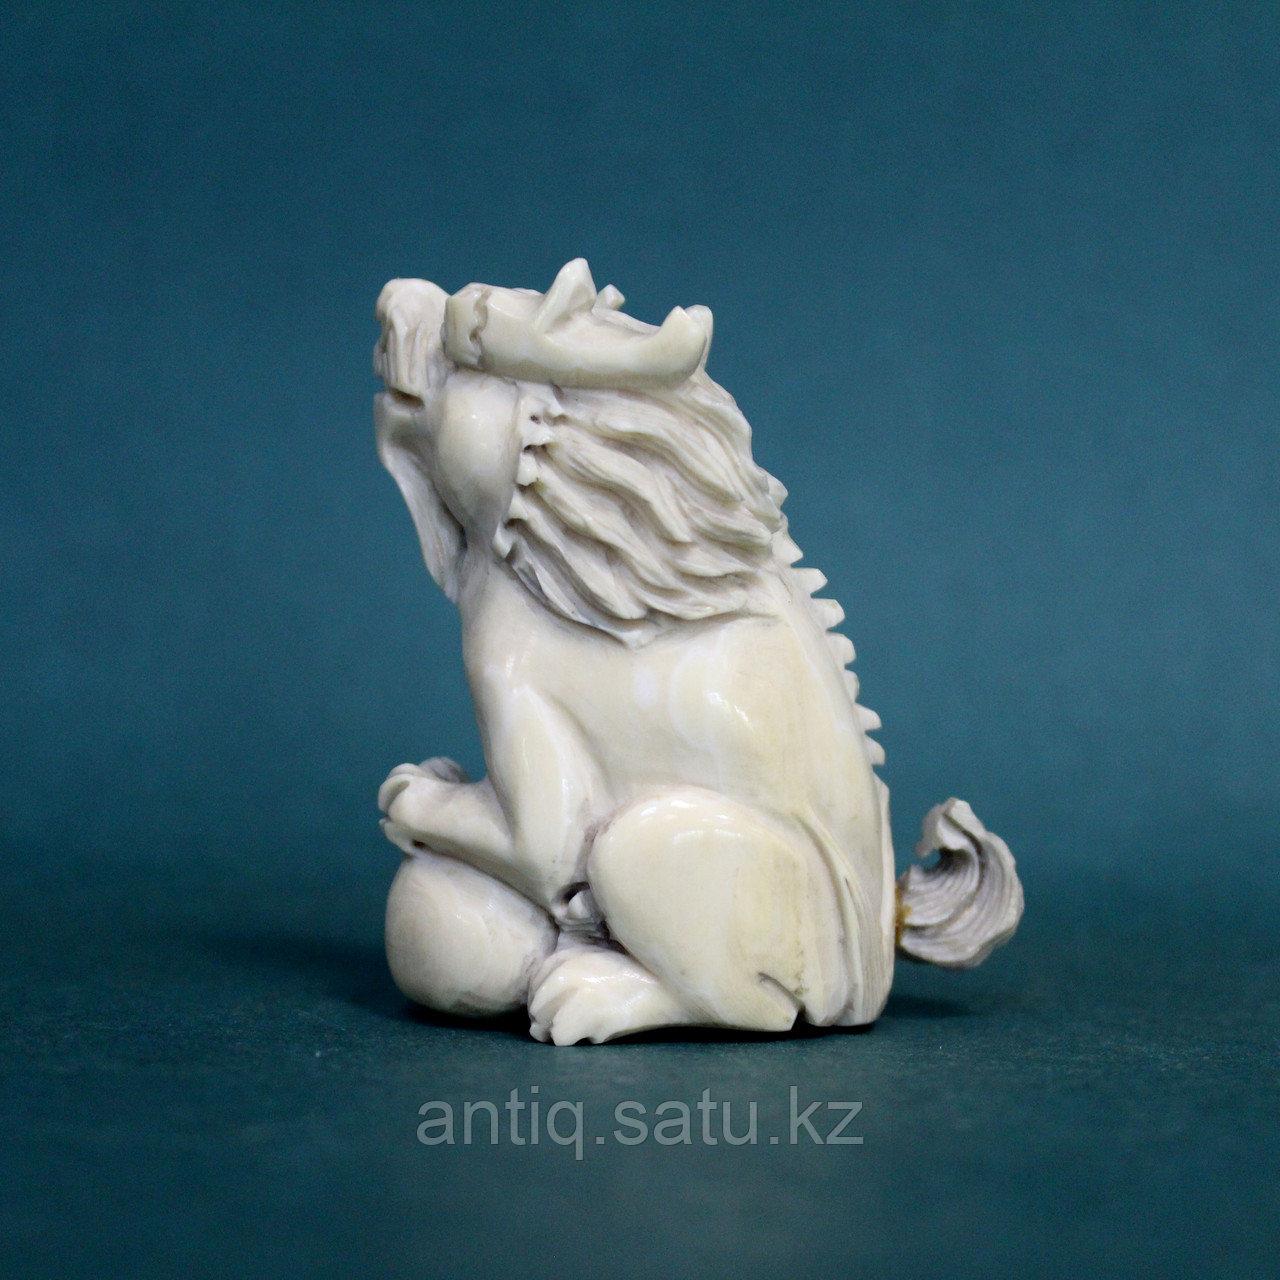 Слоновая кость. Карасиси Фо - небесный лев Будды. 52гр. - фото 3